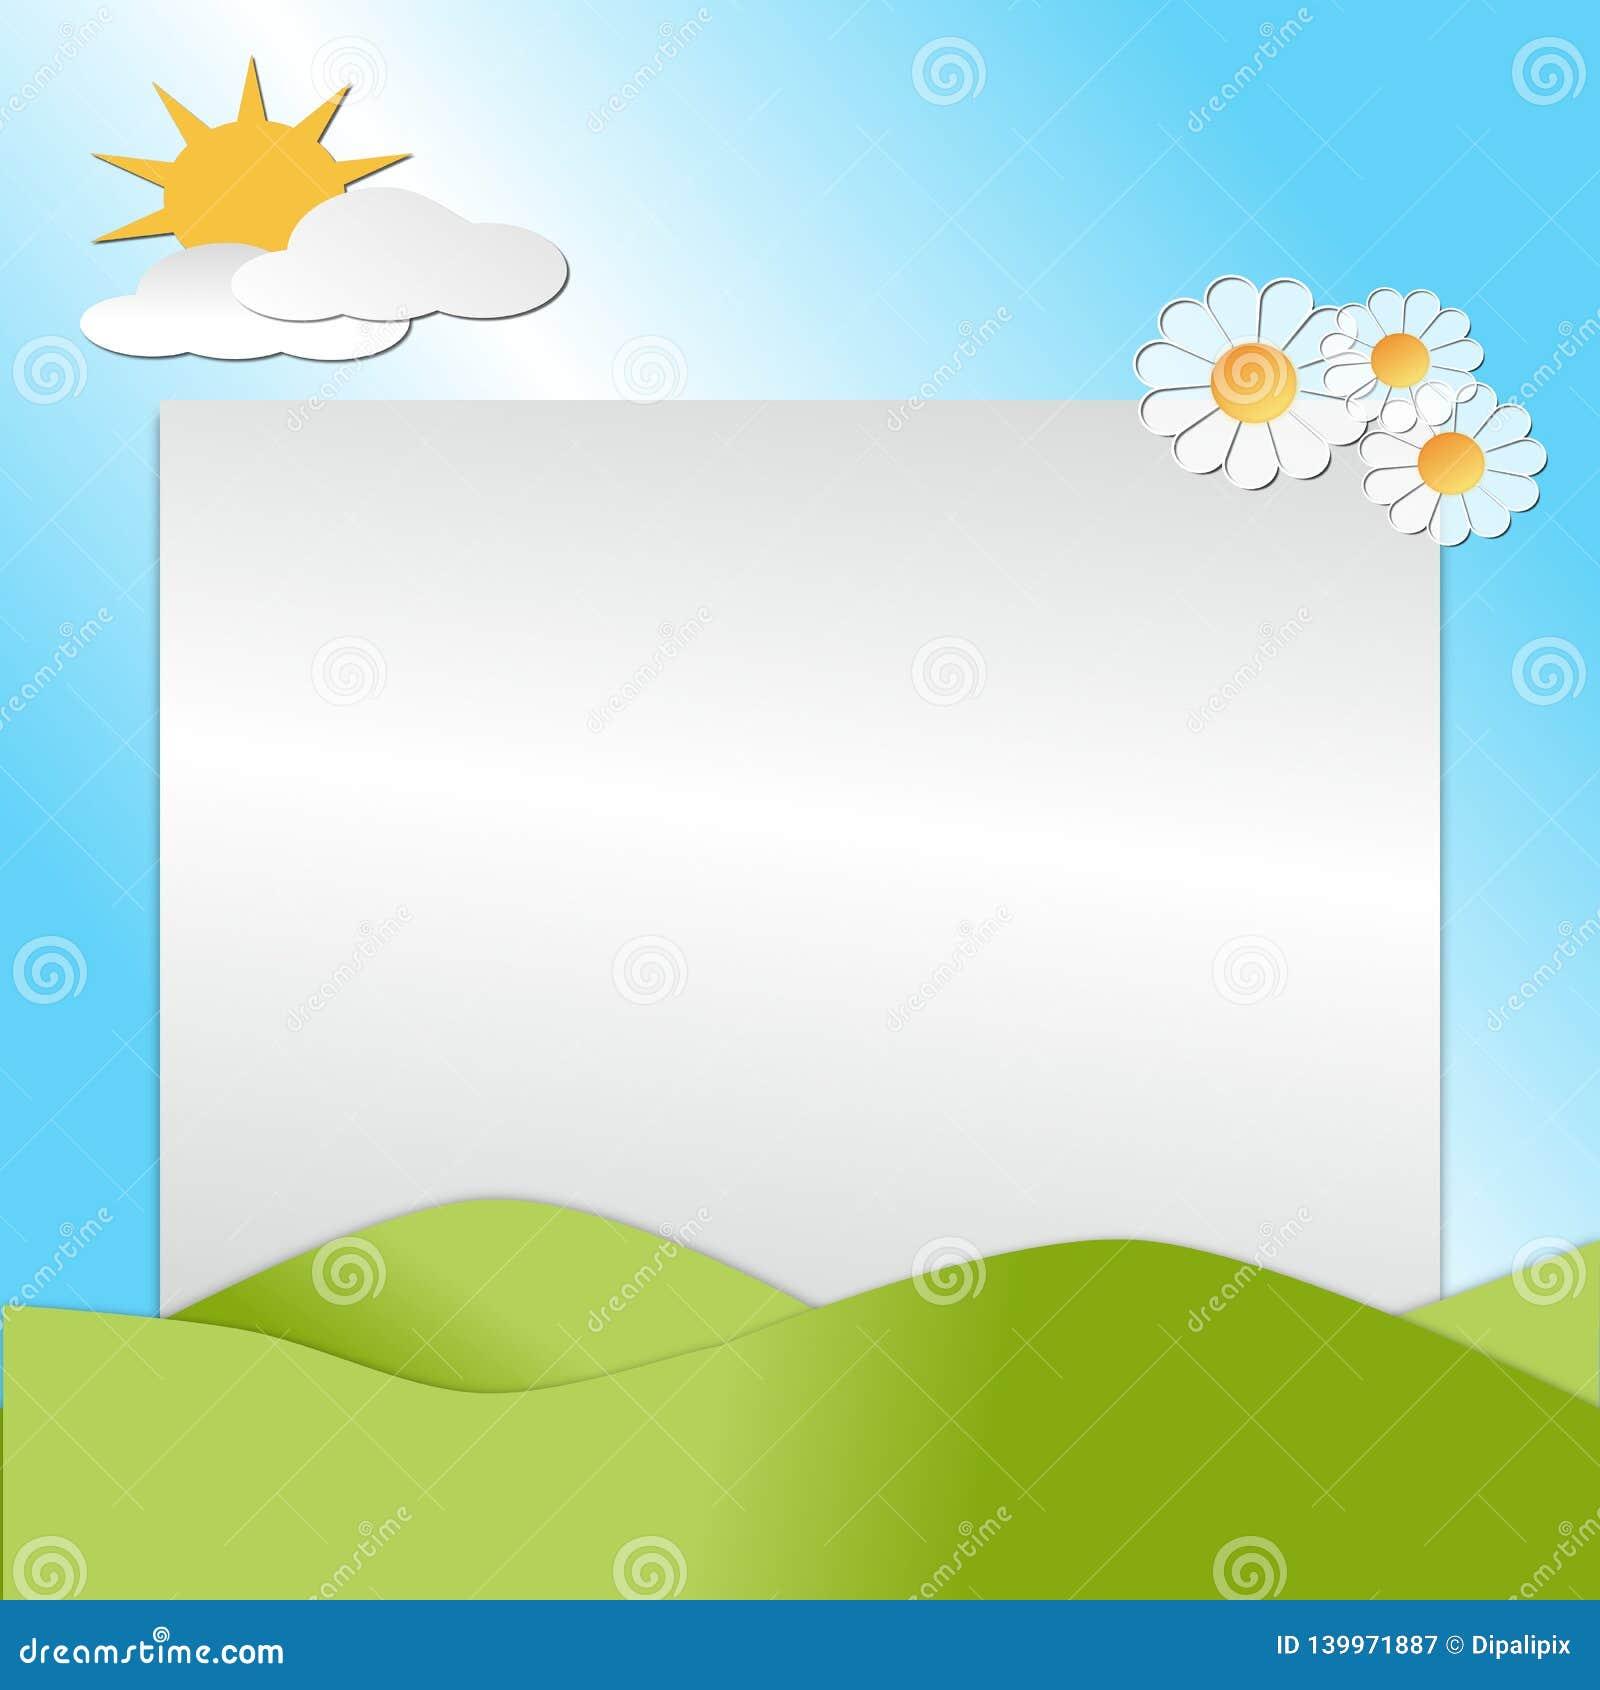 Montes, céu, sol, flores e nuvens descrevendo uma cena da mola